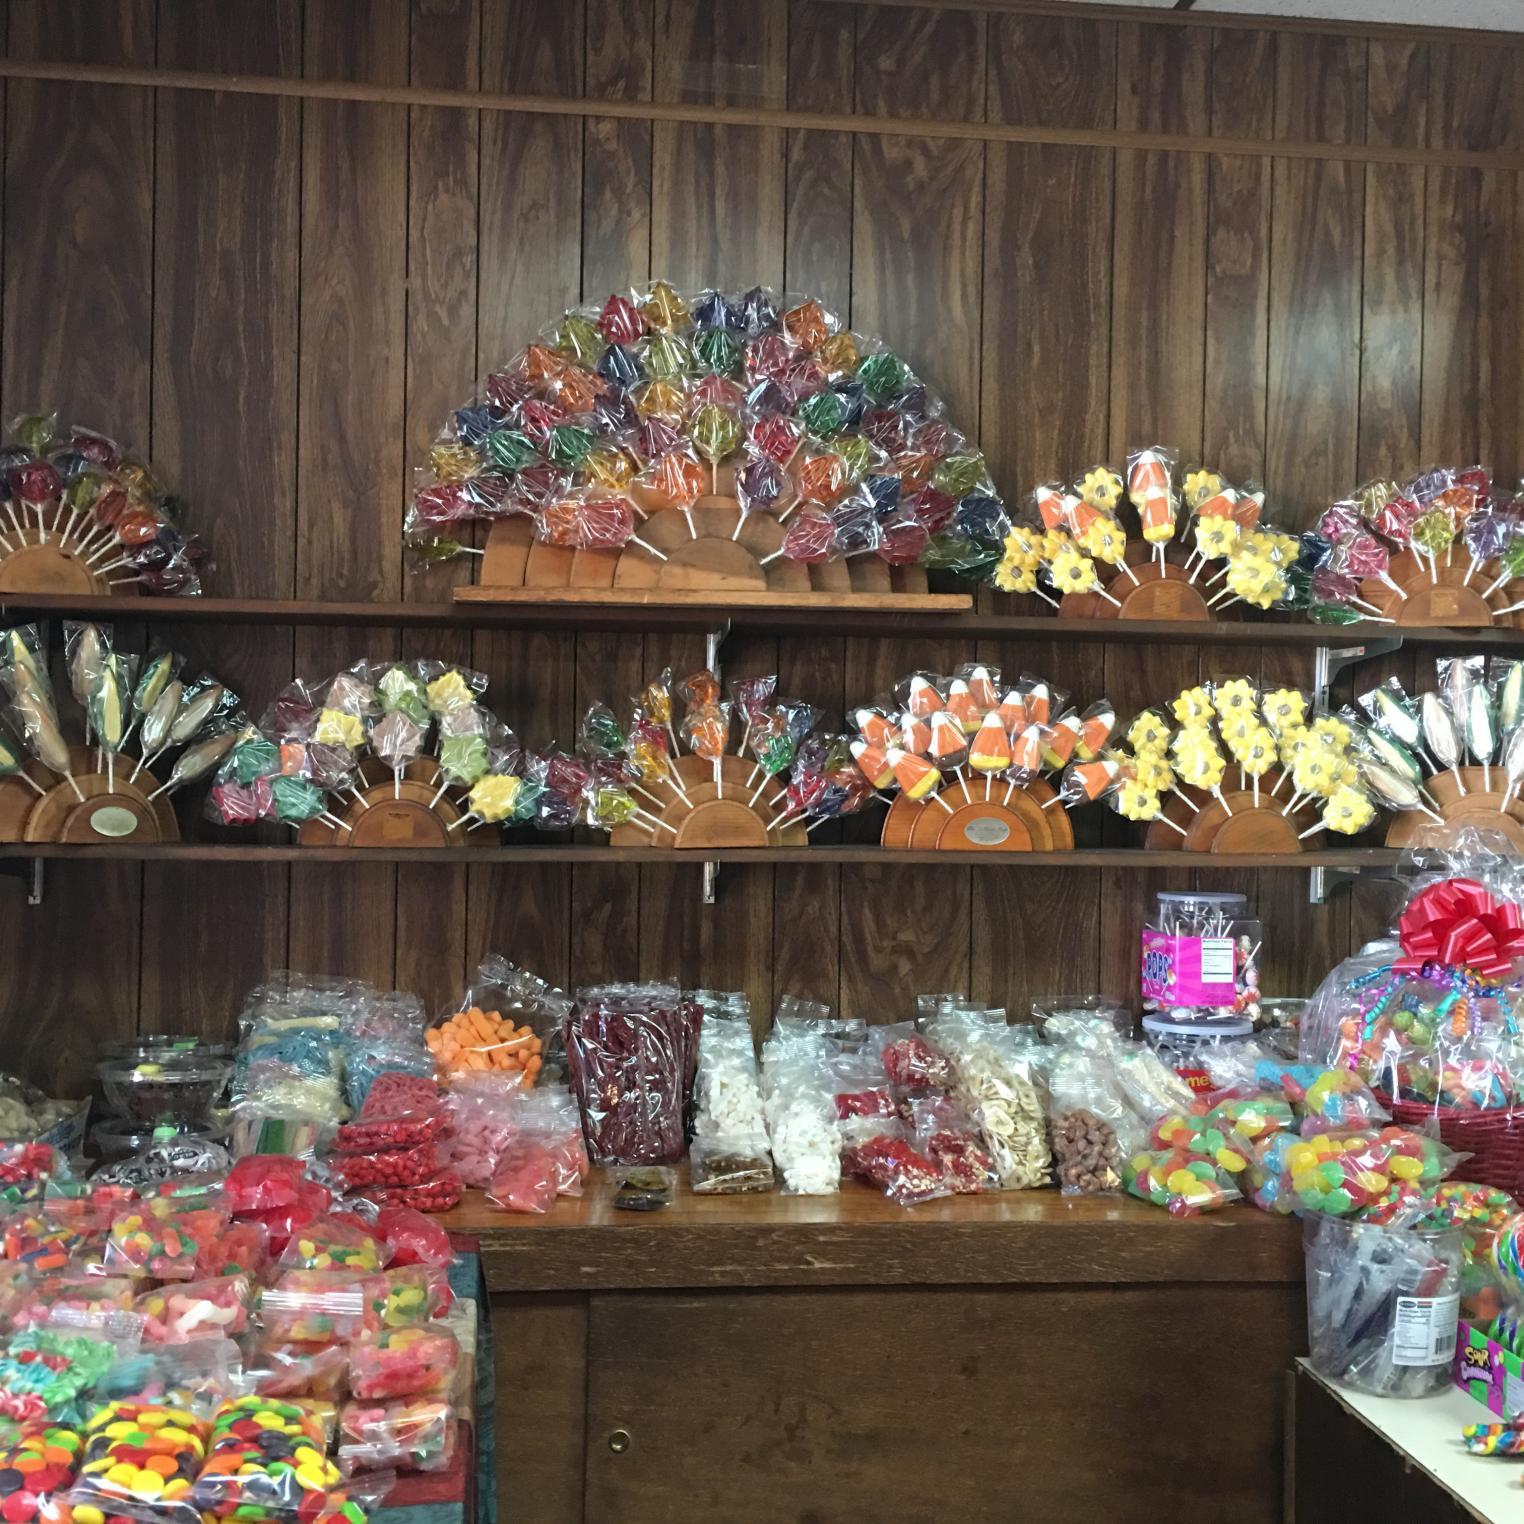 The Lollipop Shop